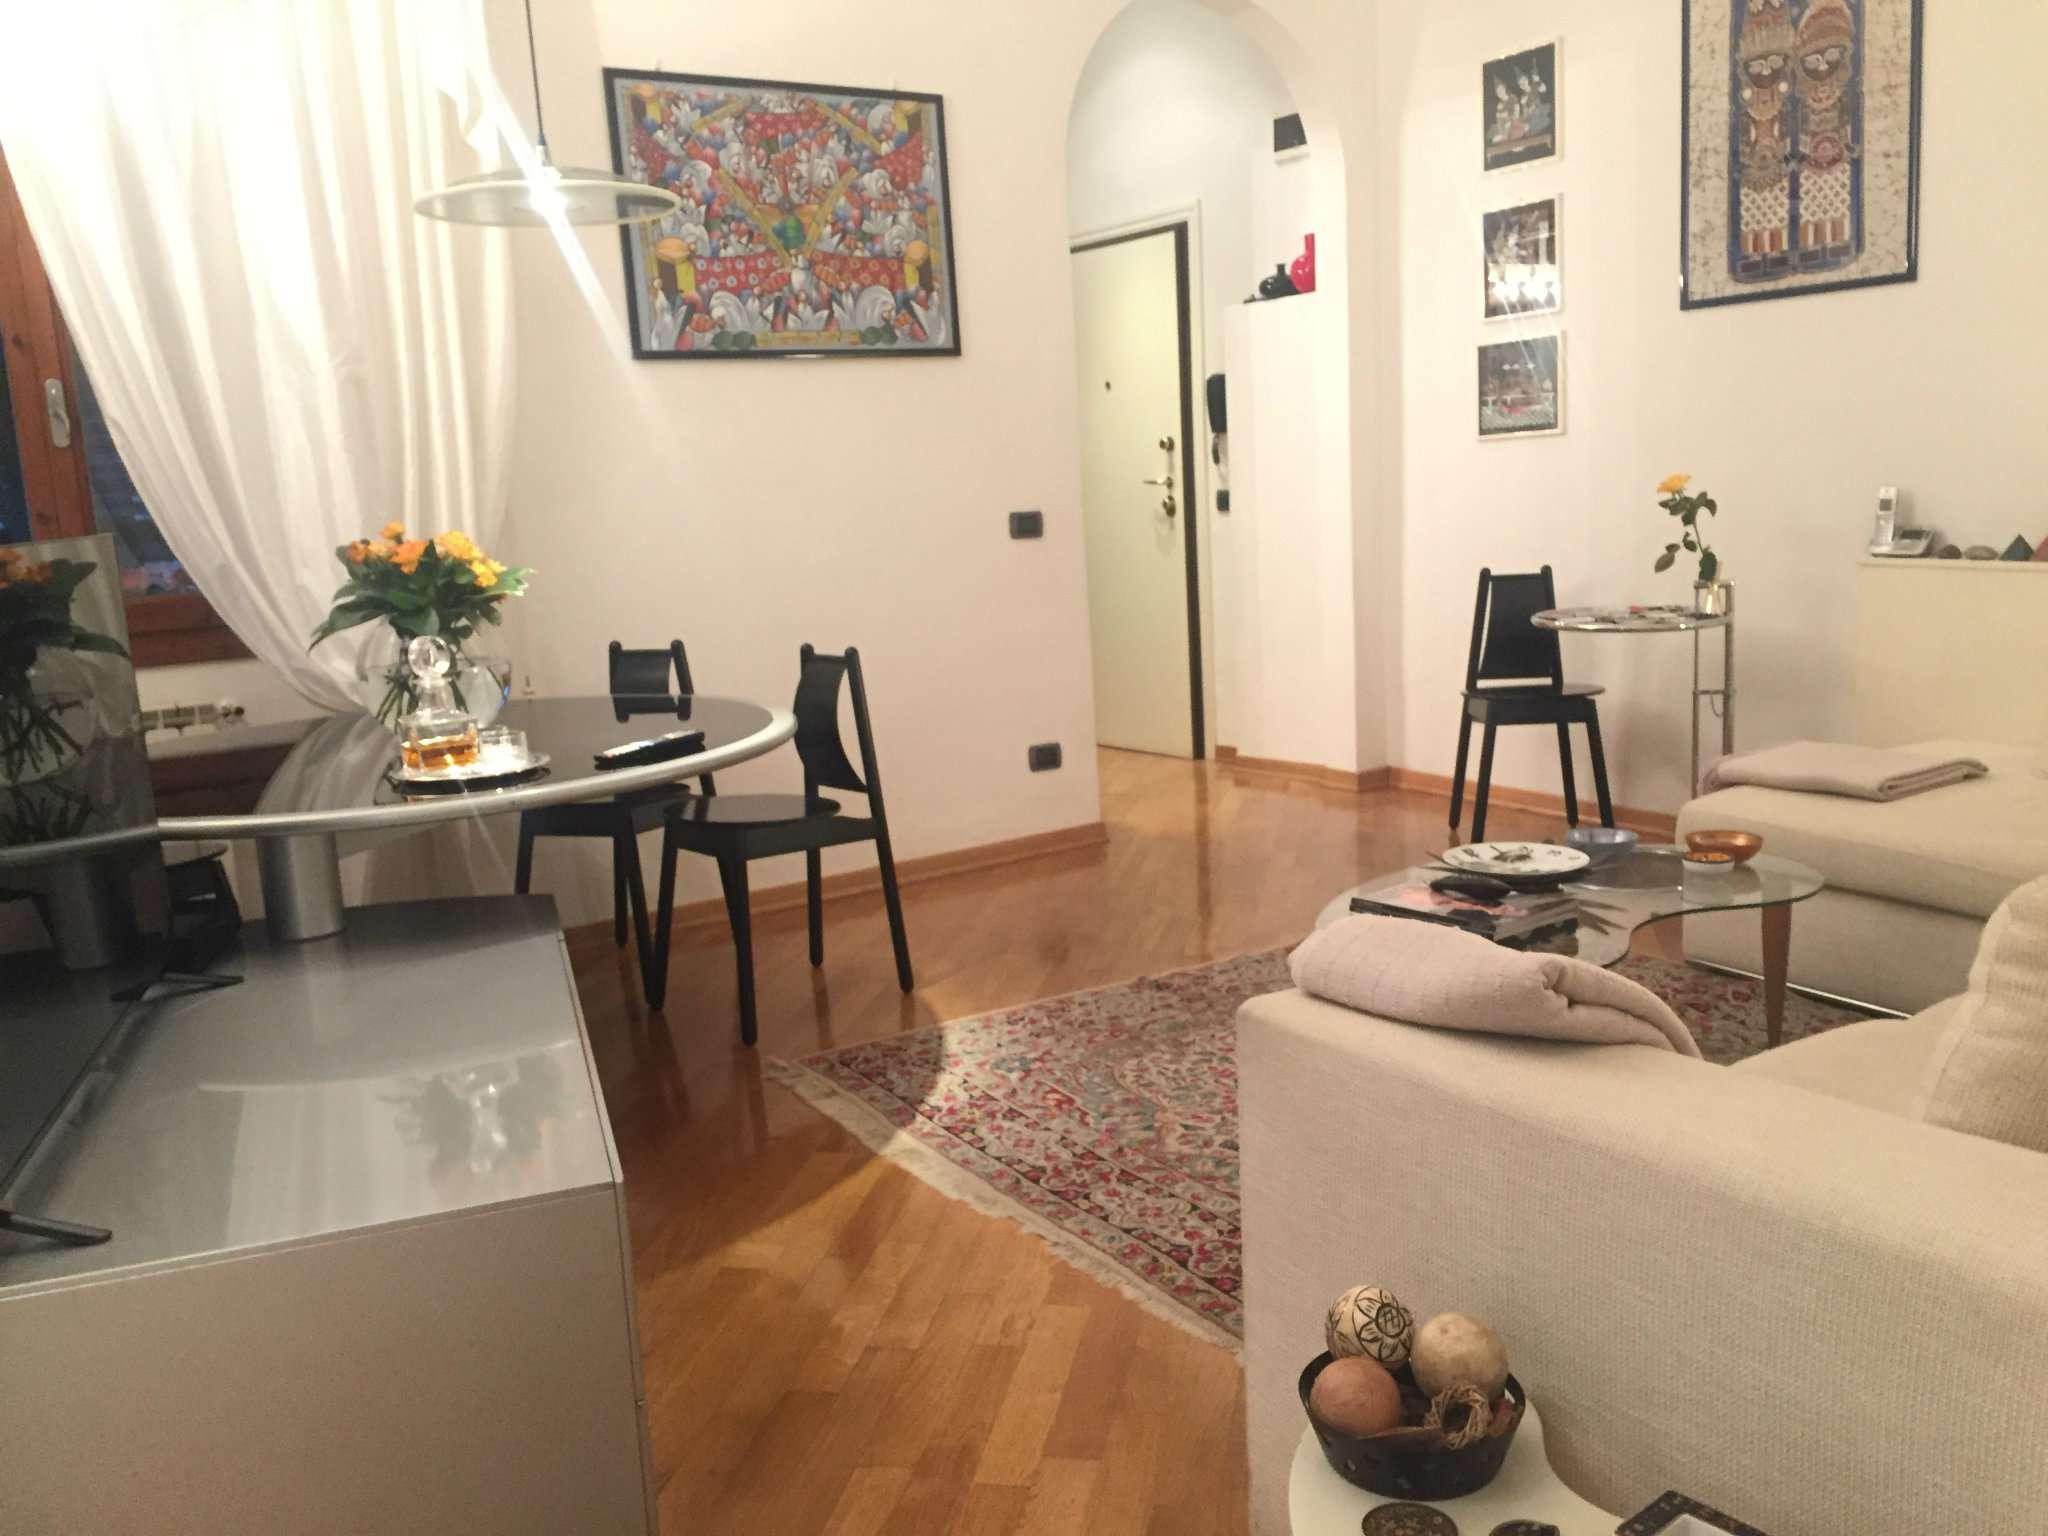 Appartamento in vendita 4 vani 90 mq.  piazza beccaria Firenze